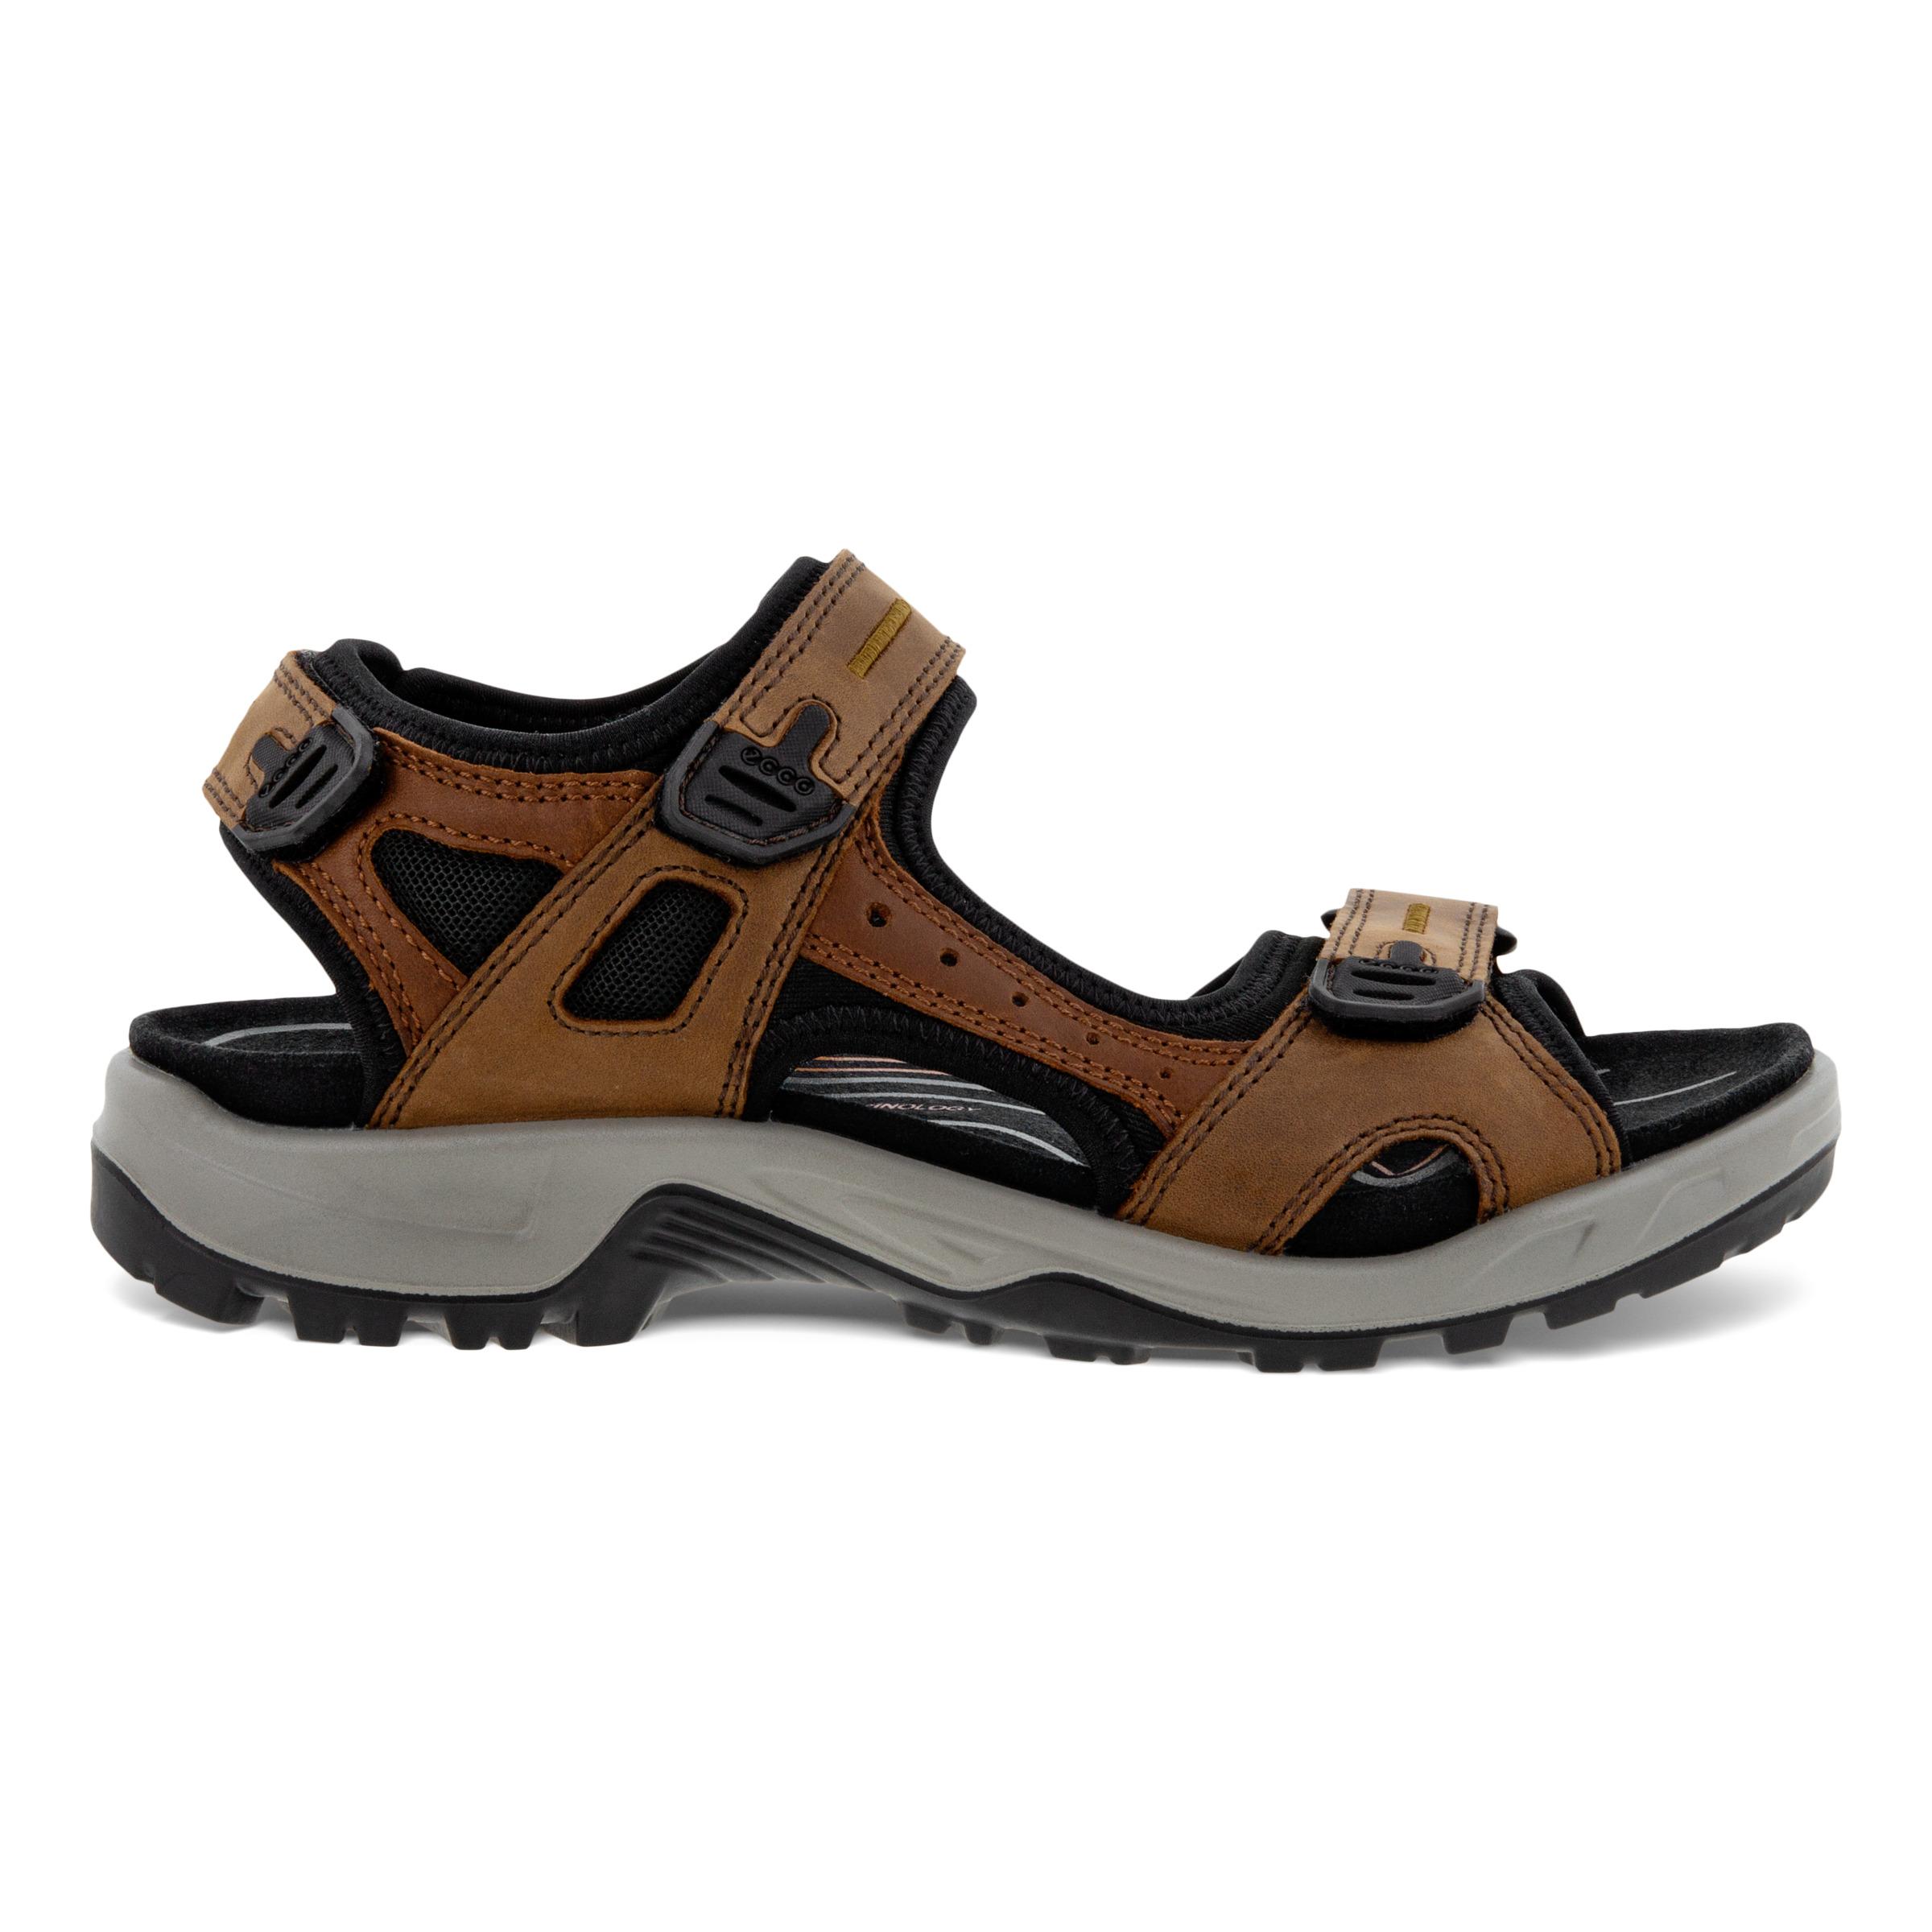 ECCO Mens Yucatan Sandal Size 8-8.5 Espresso